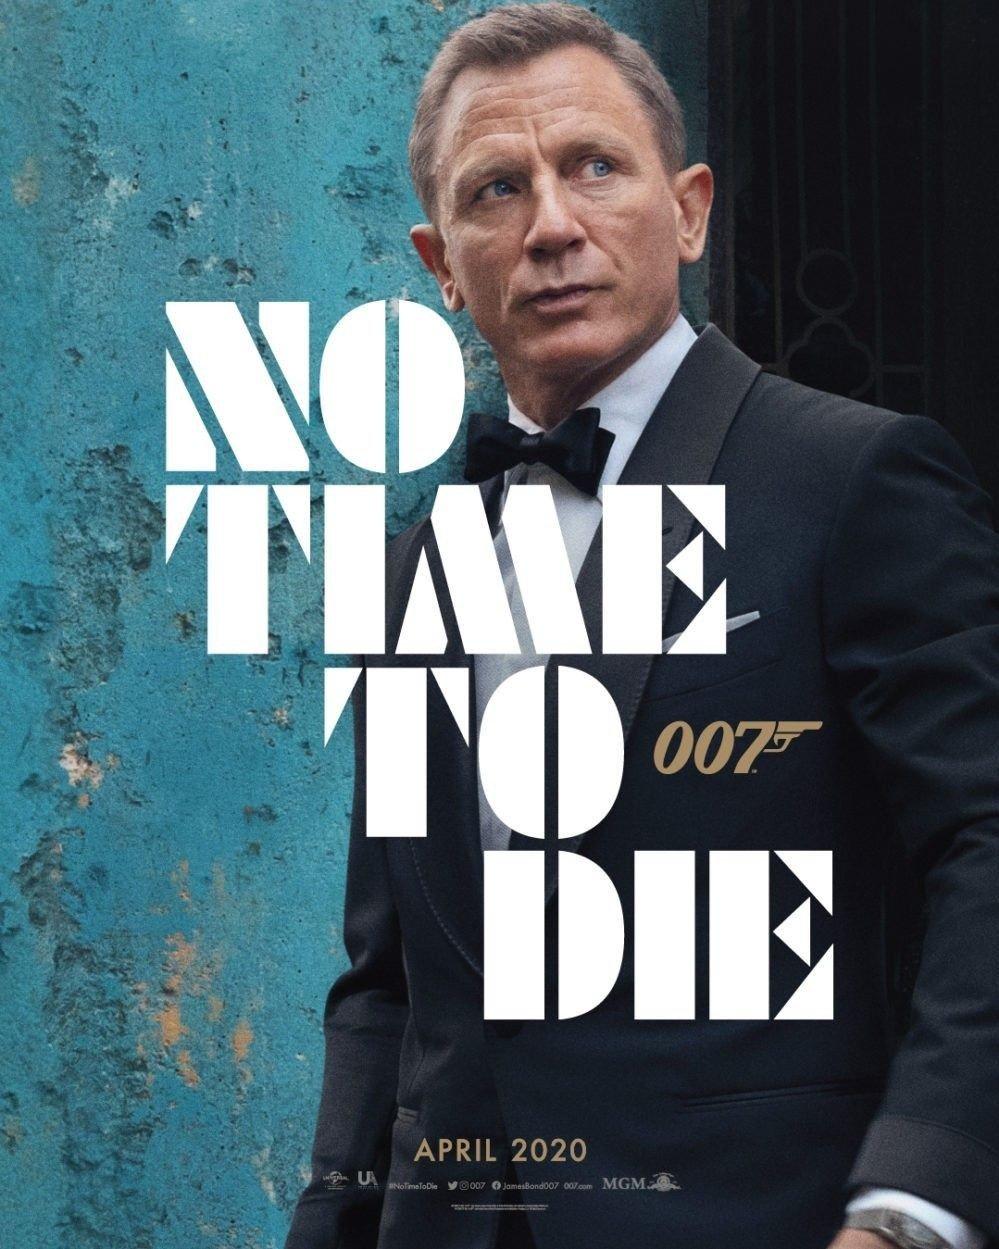 Klikk på bildet for å forstørre. Daniel Craig i sin angivelig siste rolle som James Bond. «No Time to Die» har premiere i april 2020.